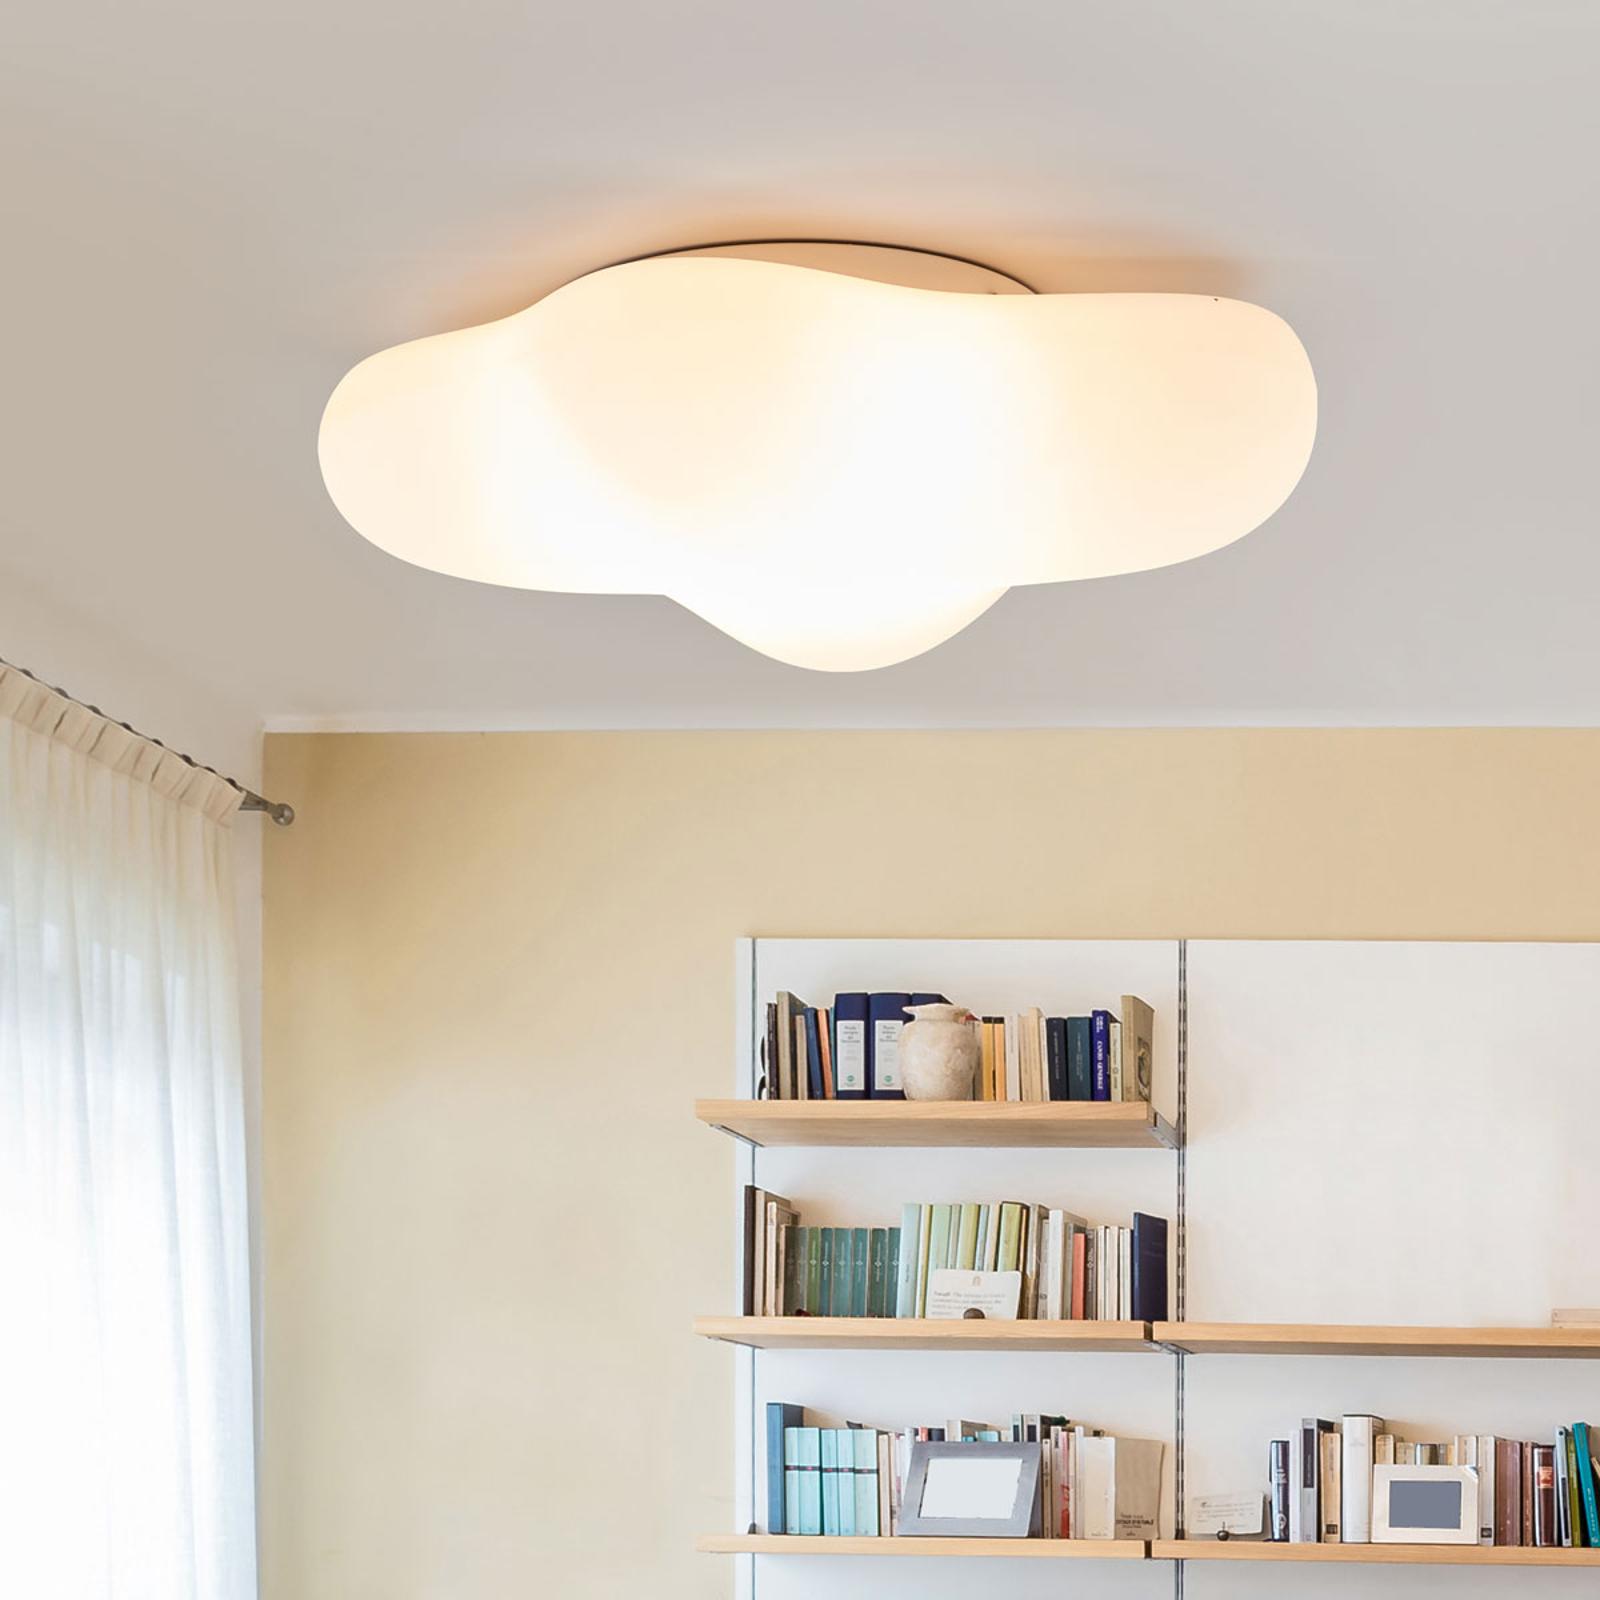 Plafondlamp Eos in de vorm van een wolk, 50 cm